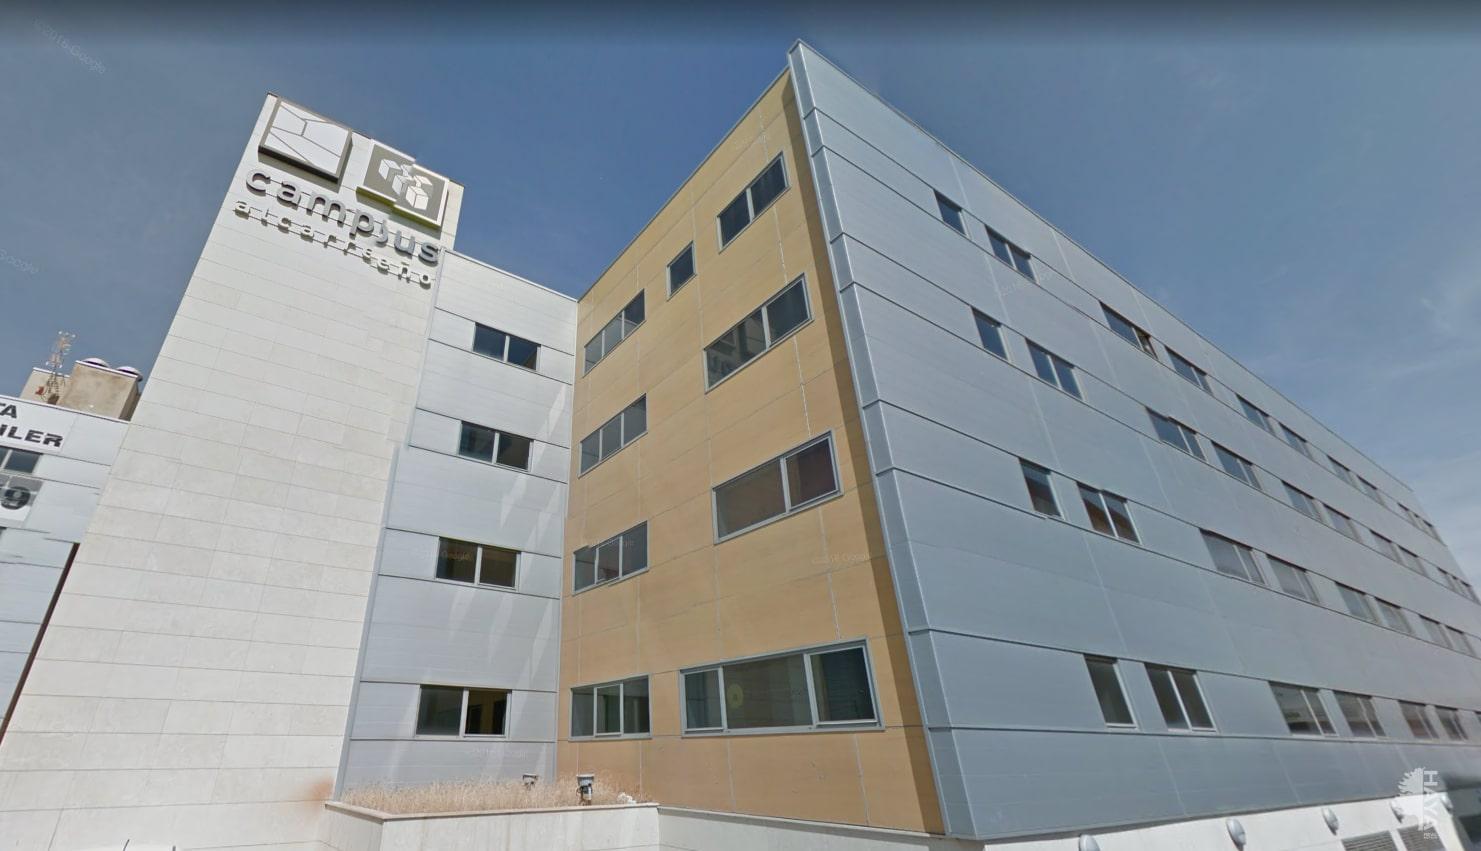 Oficina en venta en Los Manantiales, Guadalajara, Guadalajara, Calle Francisco Aritio, 61.115 €, 90 m2